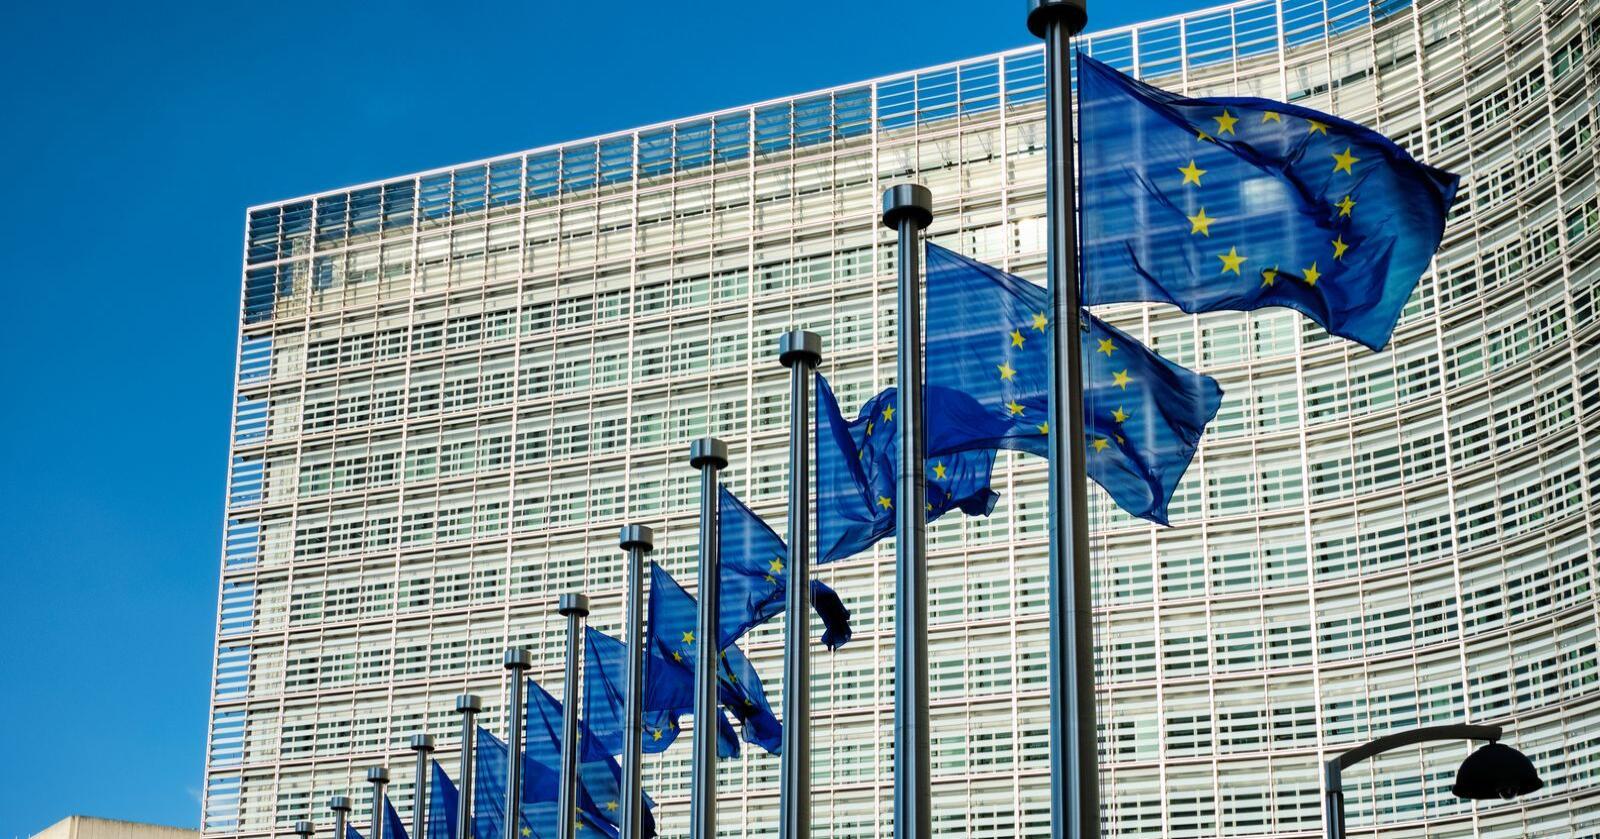 Like muligheter: Det bor om lag 87 millioner mennesker med nedsatt funksjonsevne i EU. På lik linje som andre, har de rett på de samme arbeidsbetingelsene og mulighetene, skriver Thierry Béchet. Foto: Dmitry Rukhlenko / Mostphotos